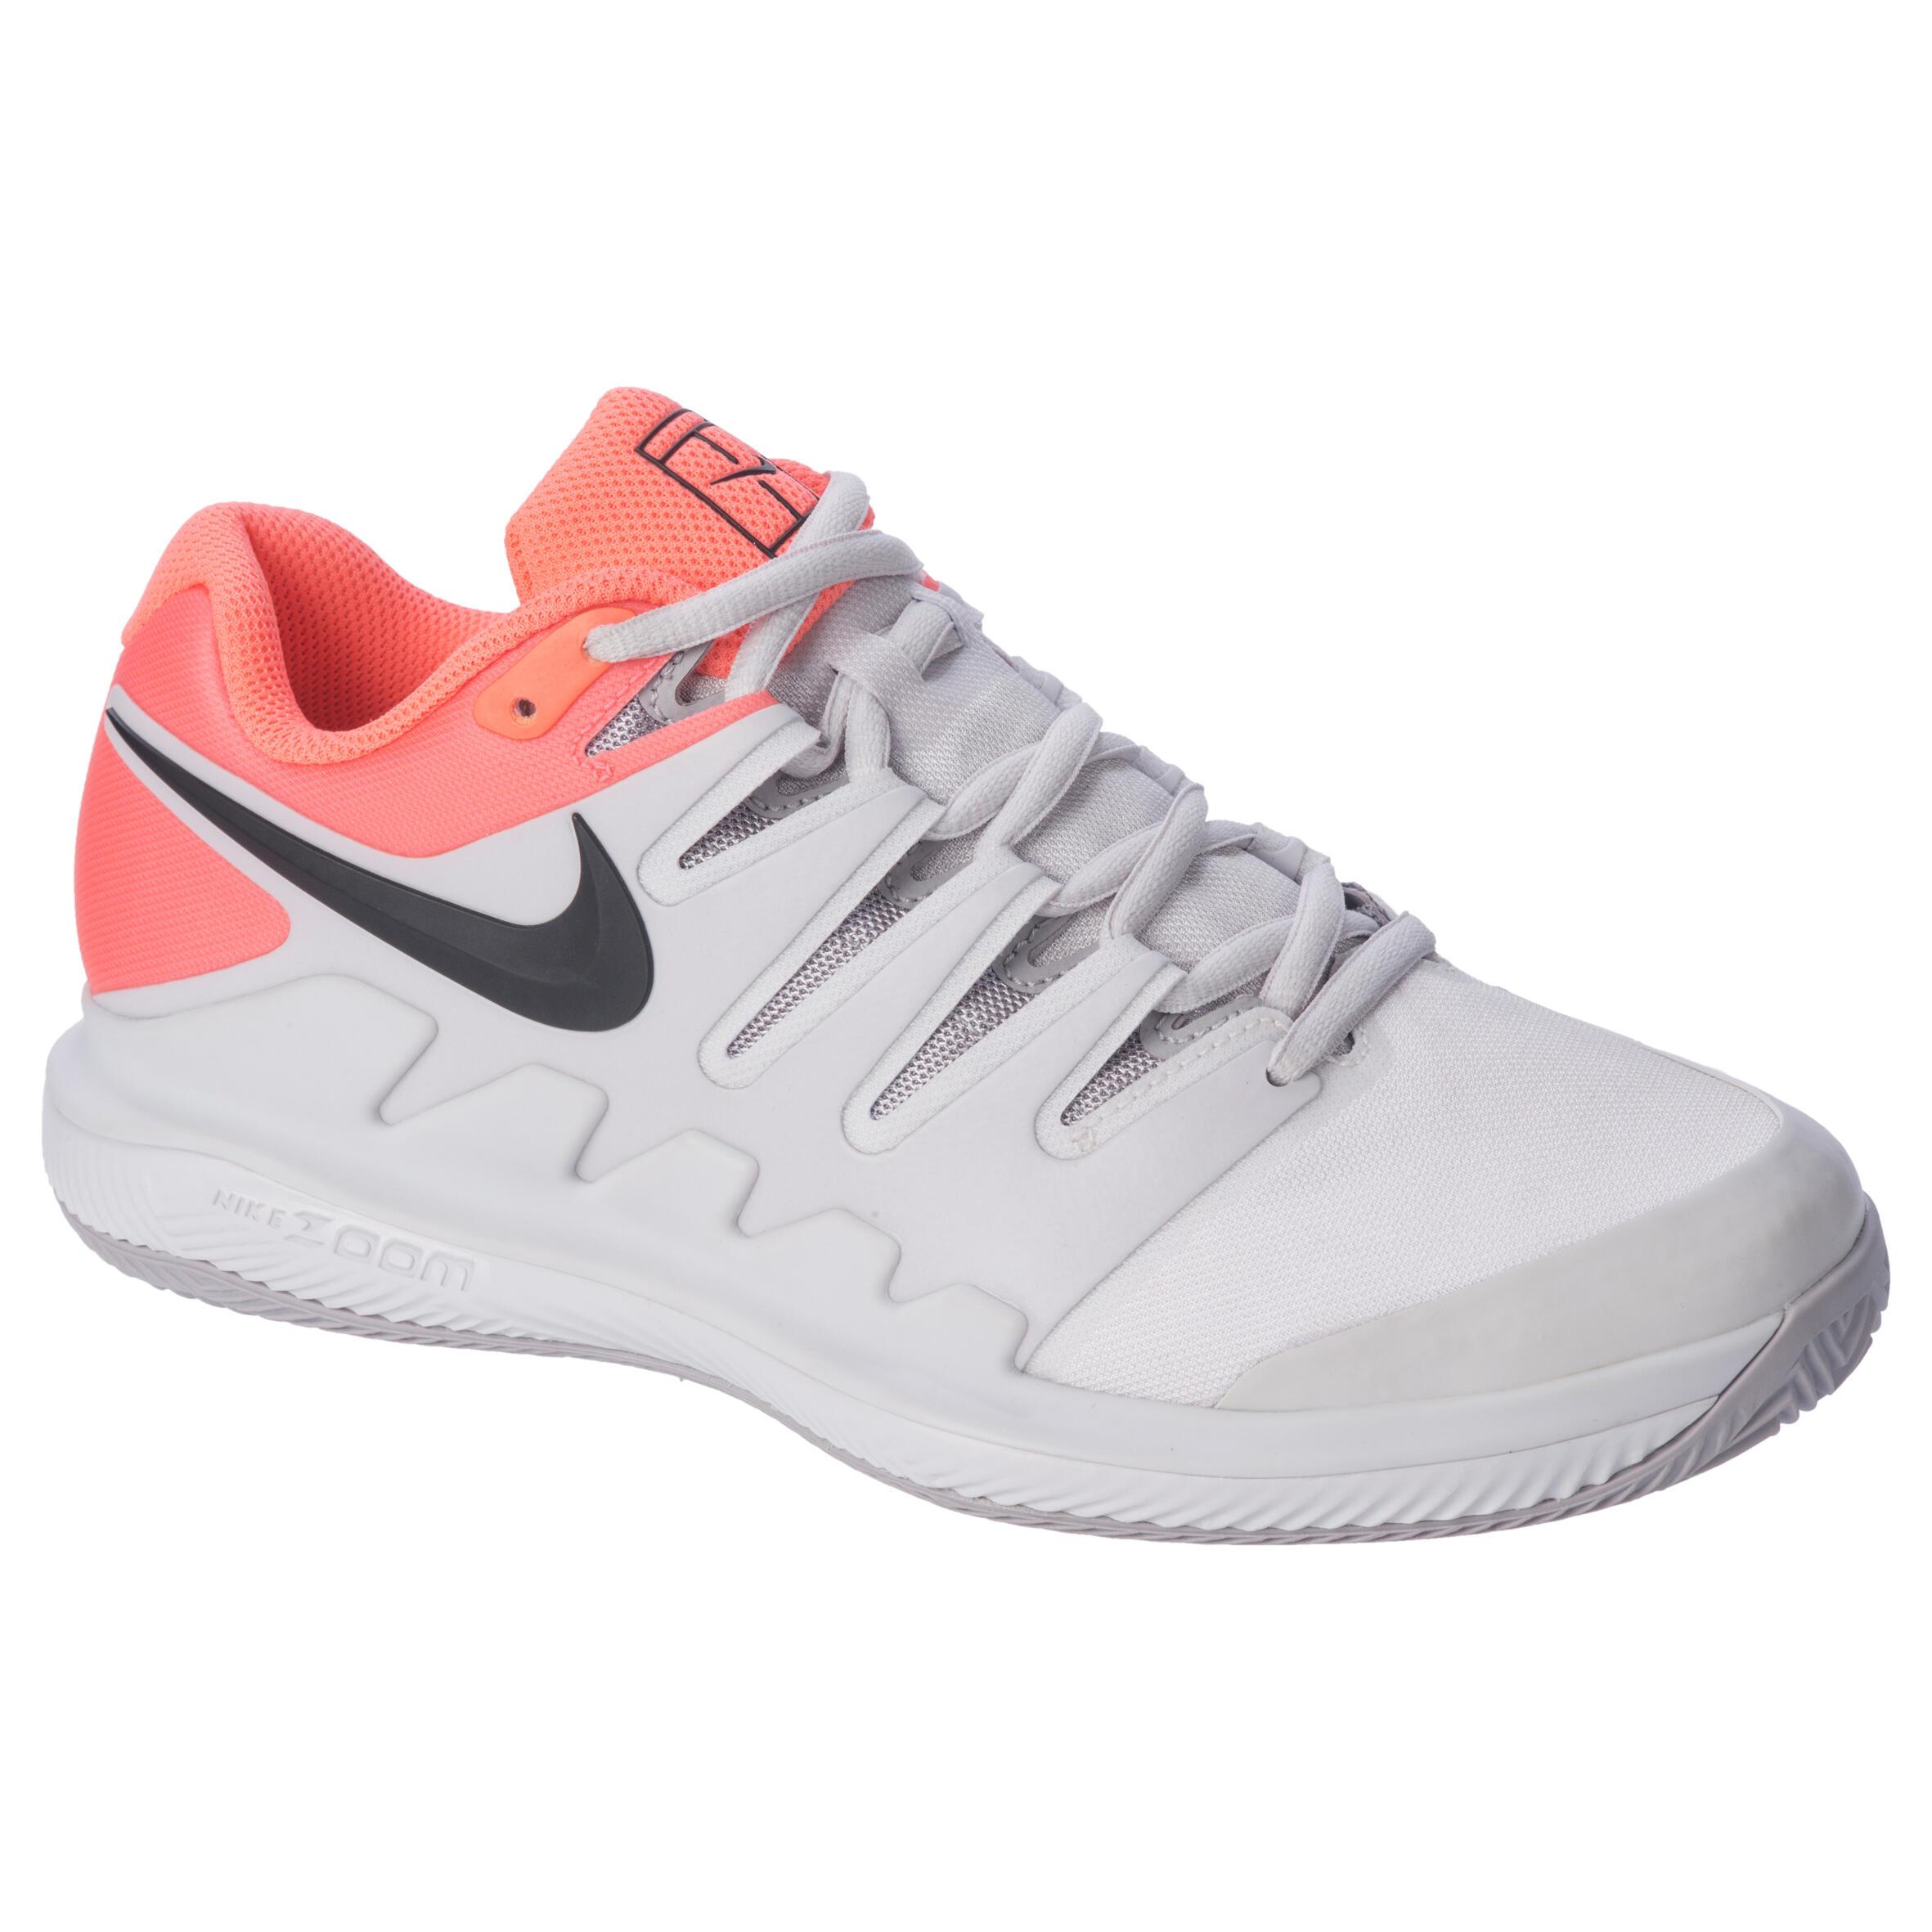 2406395 Nike Tennisschoenen dames Zoom Vapor Vast grijs